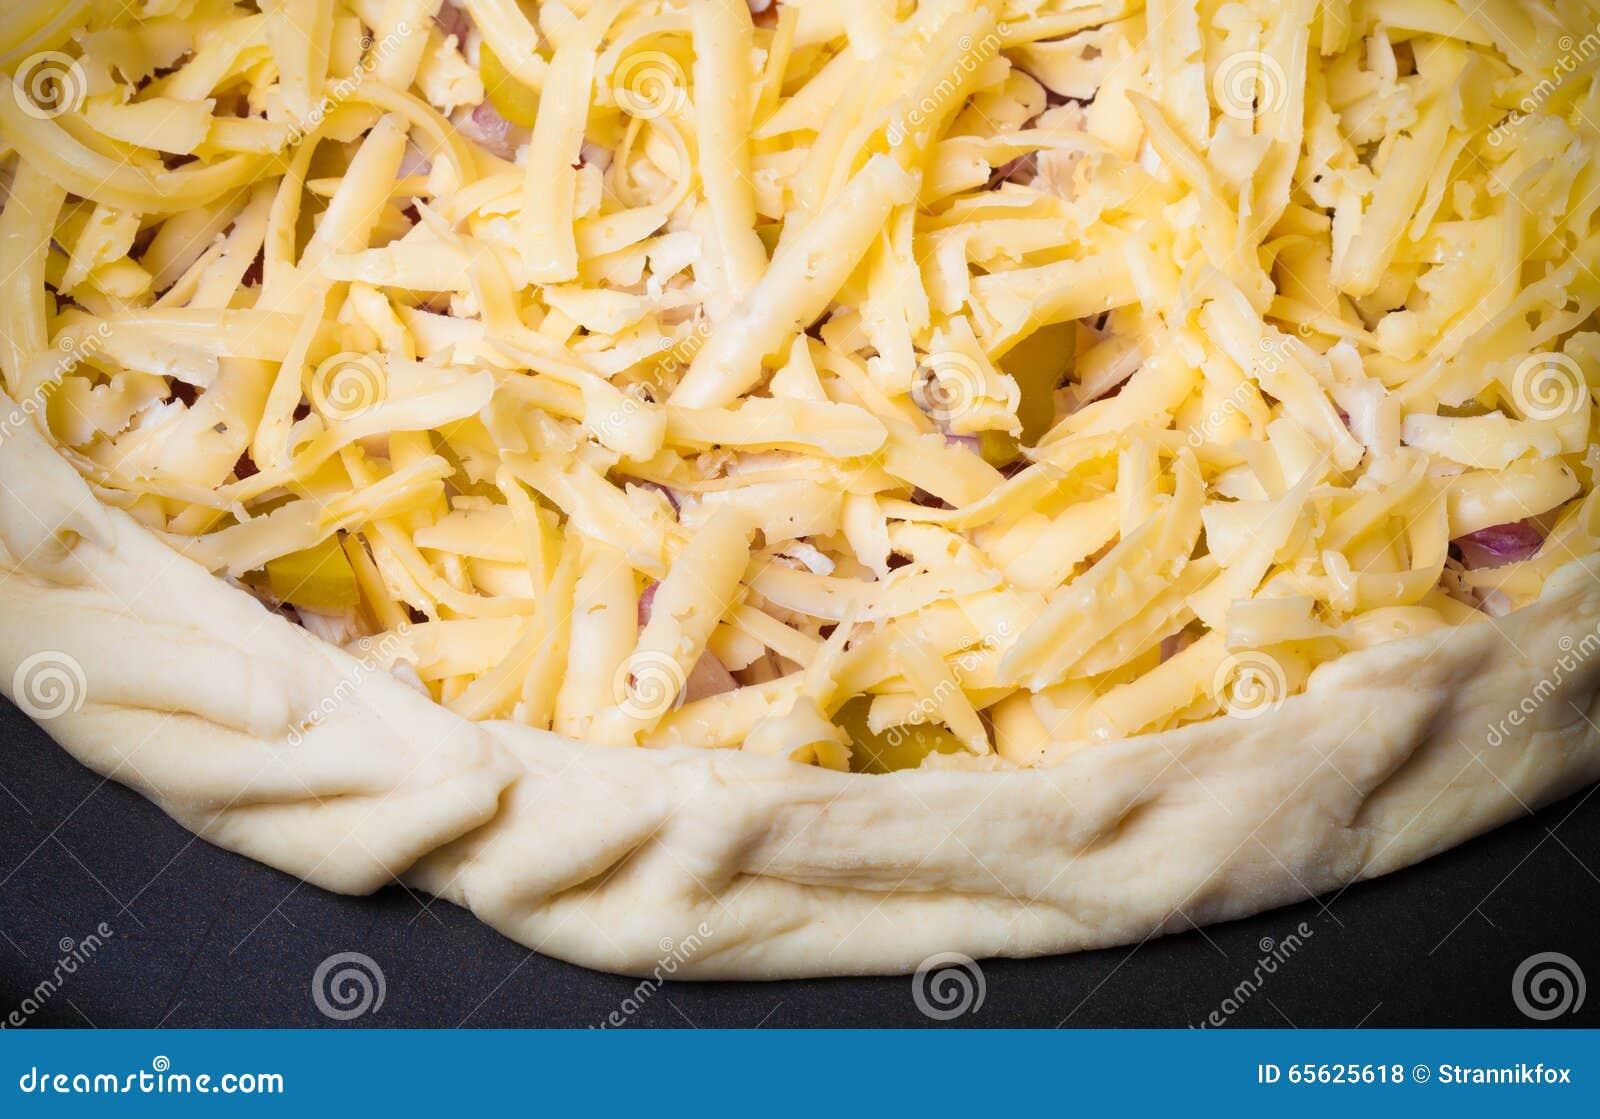 Pizza non préparée avec du fromage râpé toned